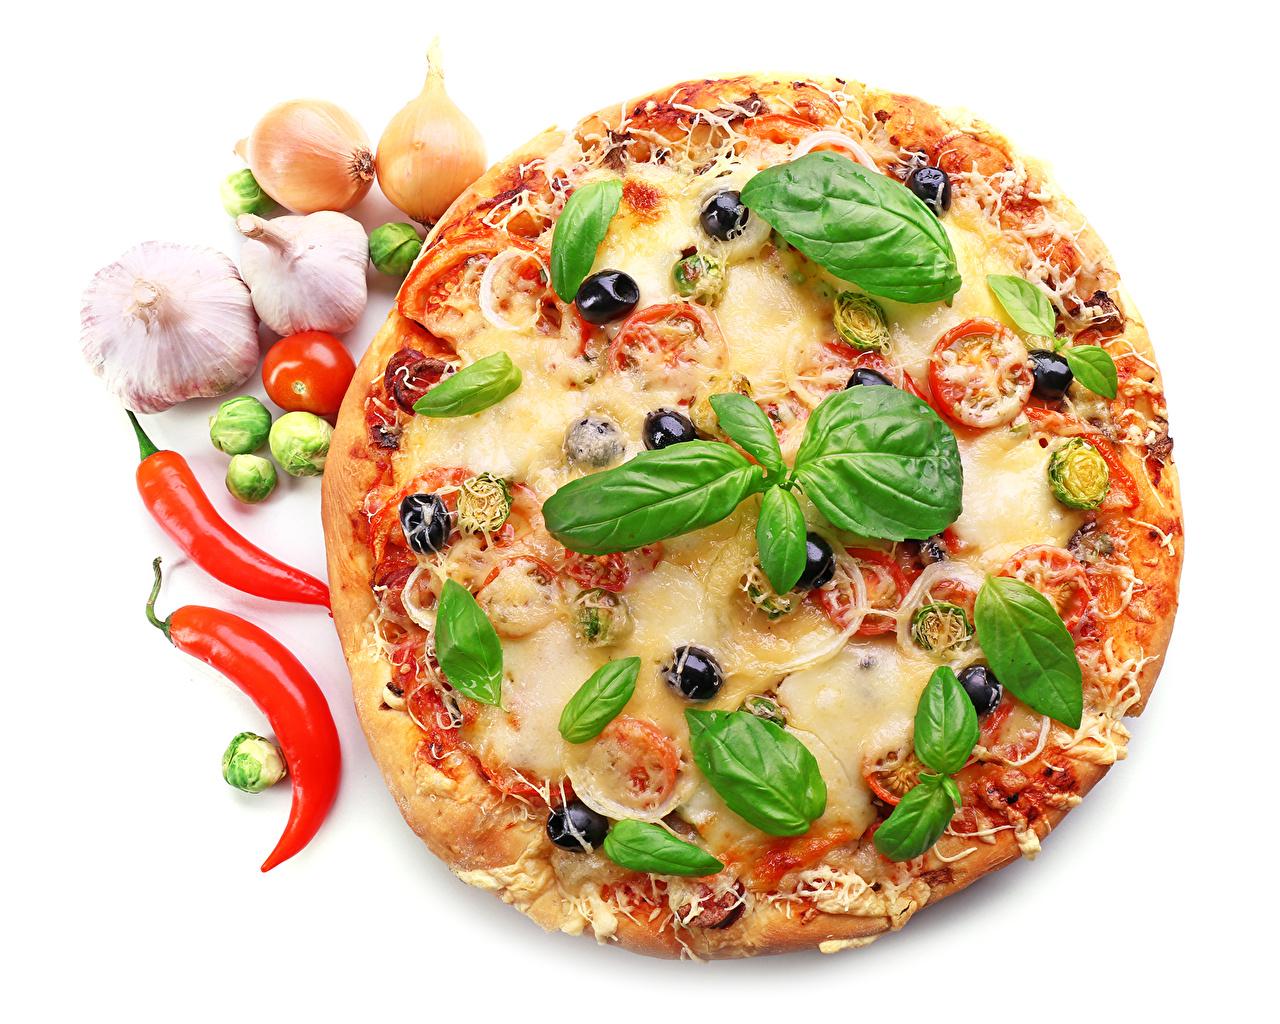 Bilder von Lebensmittel Blattwerk Pizza Knoblauch Fast food Peperone Basilikum Weißer hintergrund Blatt Königskraut Basilienkraut